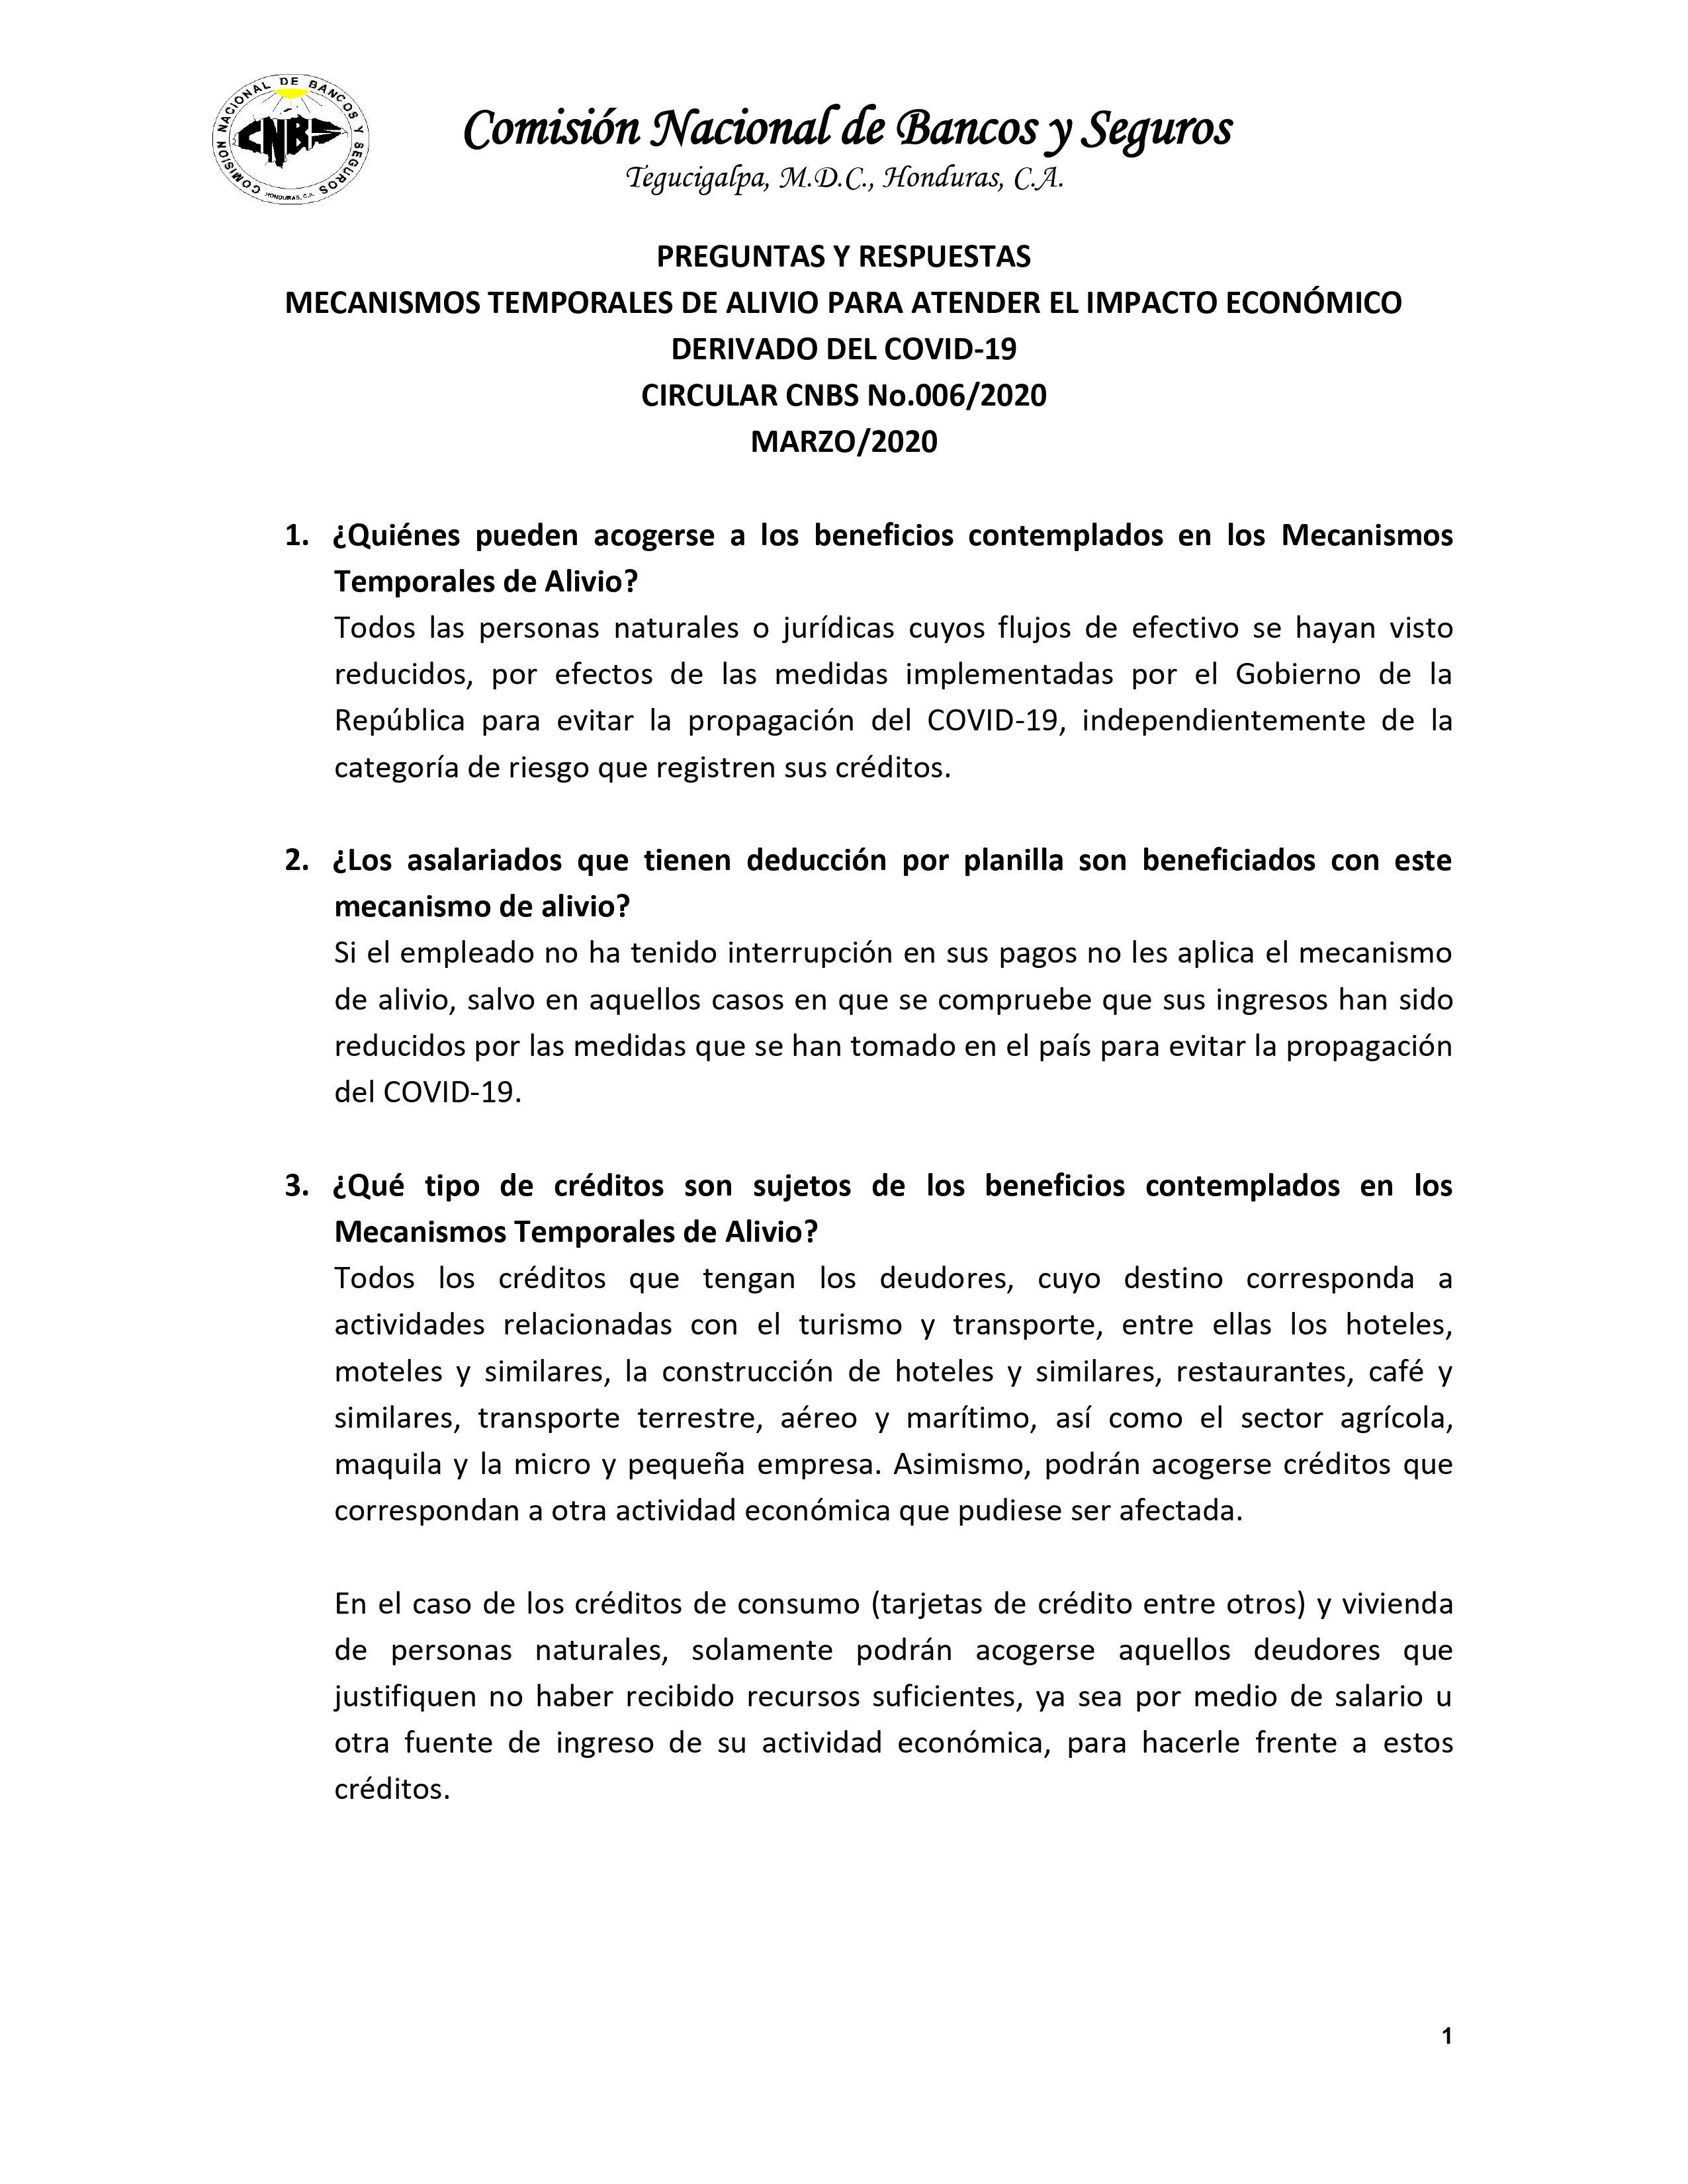 Plan de Alivio COVID19 CNBS Pagina 1 de 4